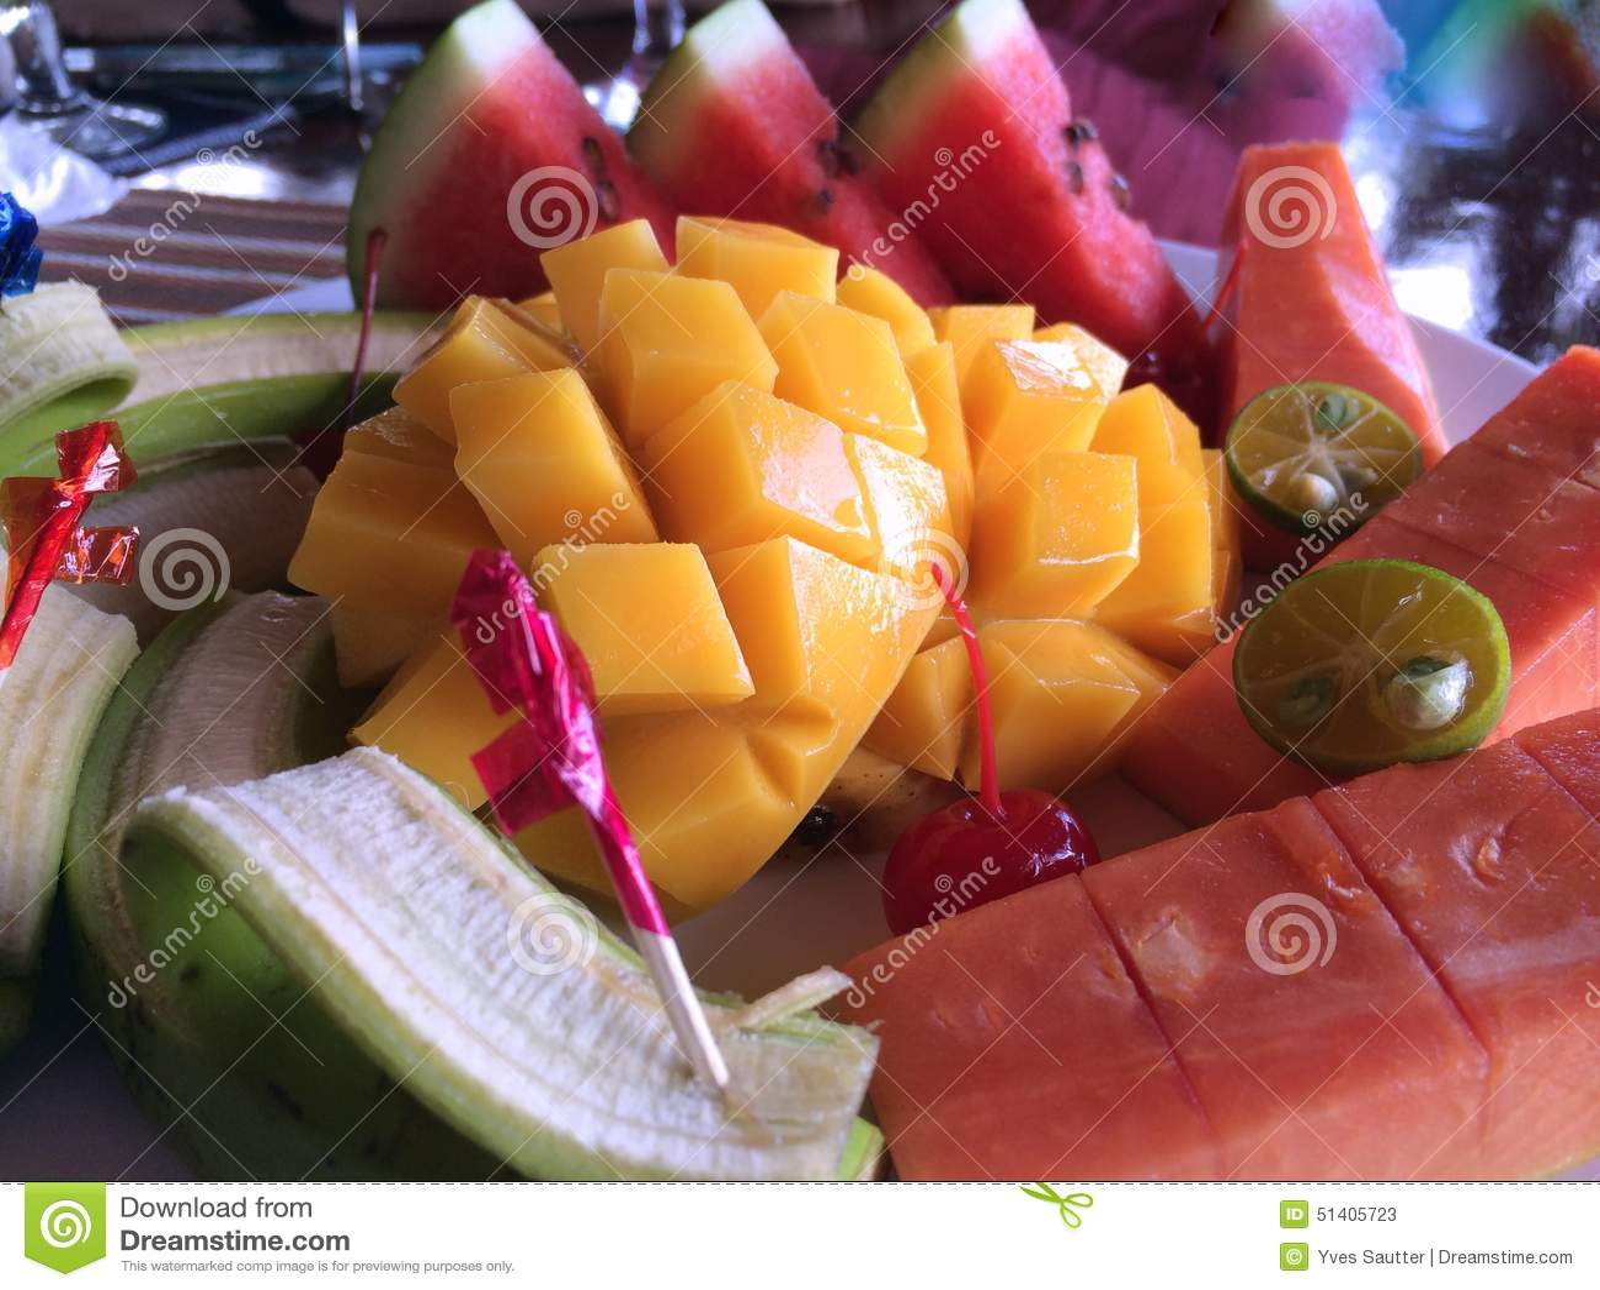 Thailändischer Frucht-Rüttler, Frühstück